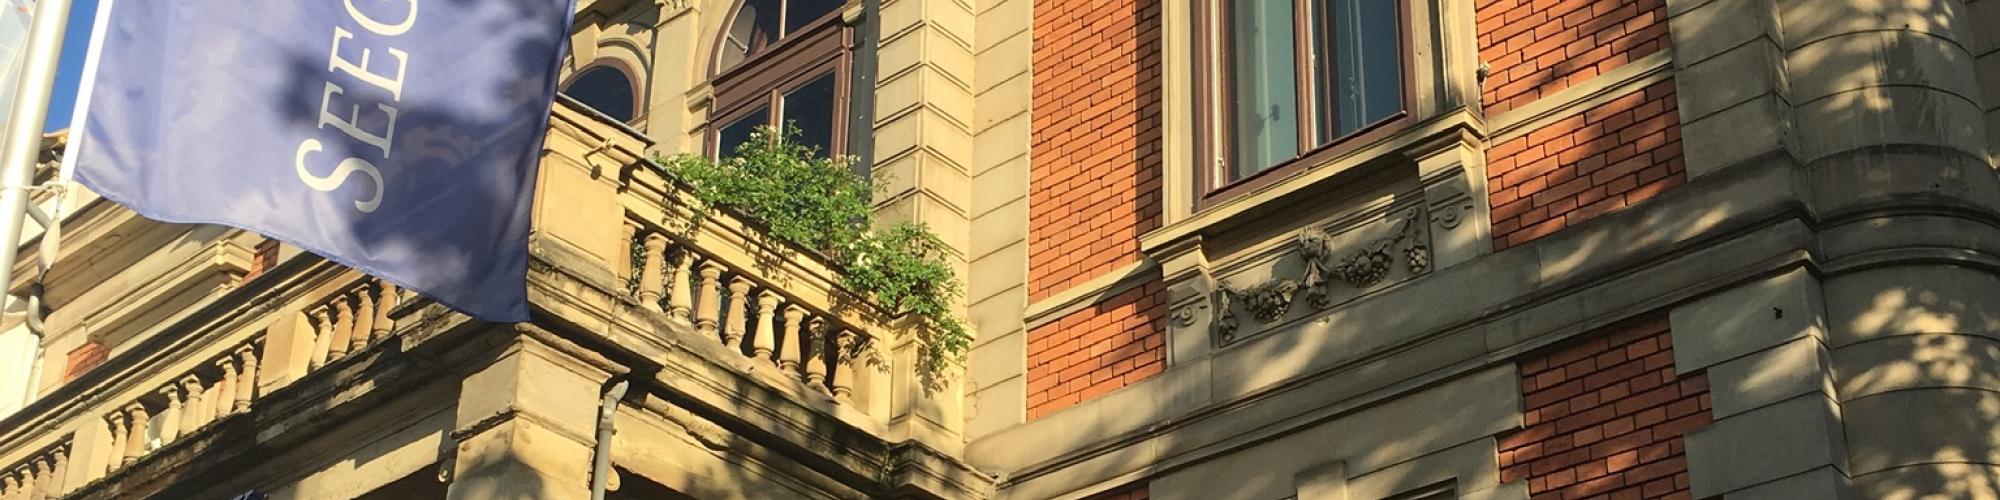 Praxis für Neurologie und Psychiatrie - Heidelberg